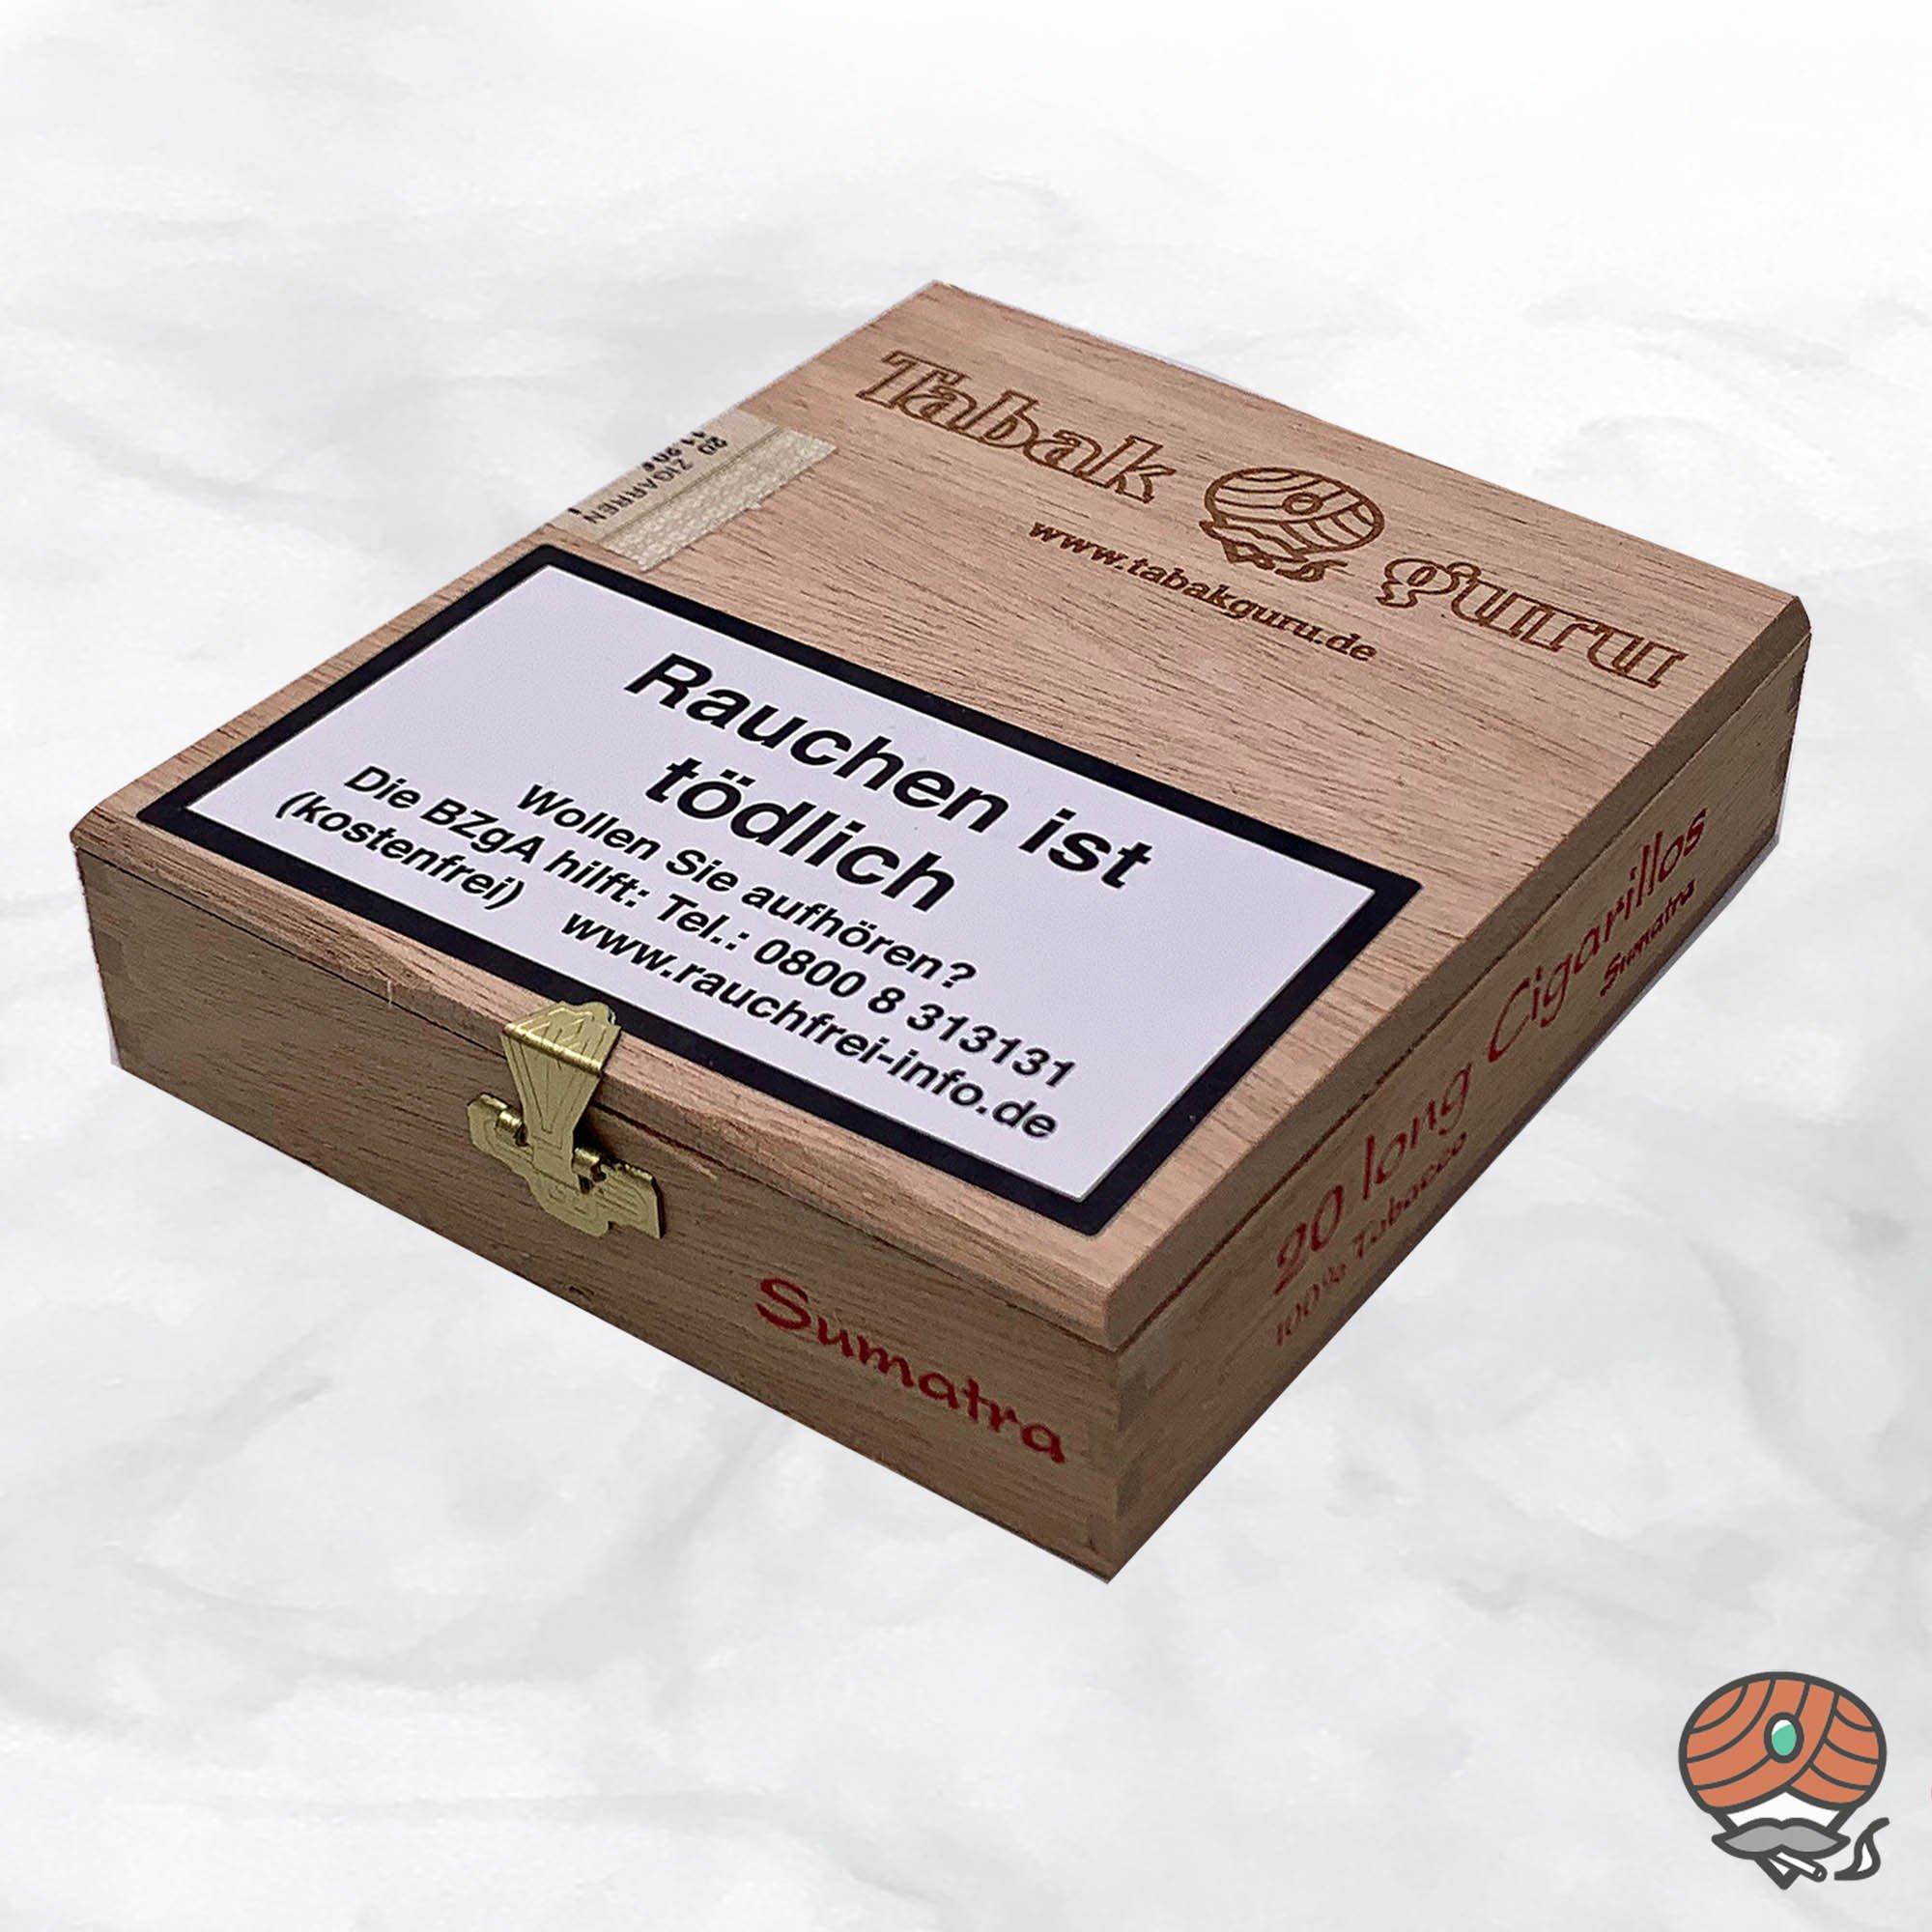 20 Tabakguru Long Zigarillos Sumatra